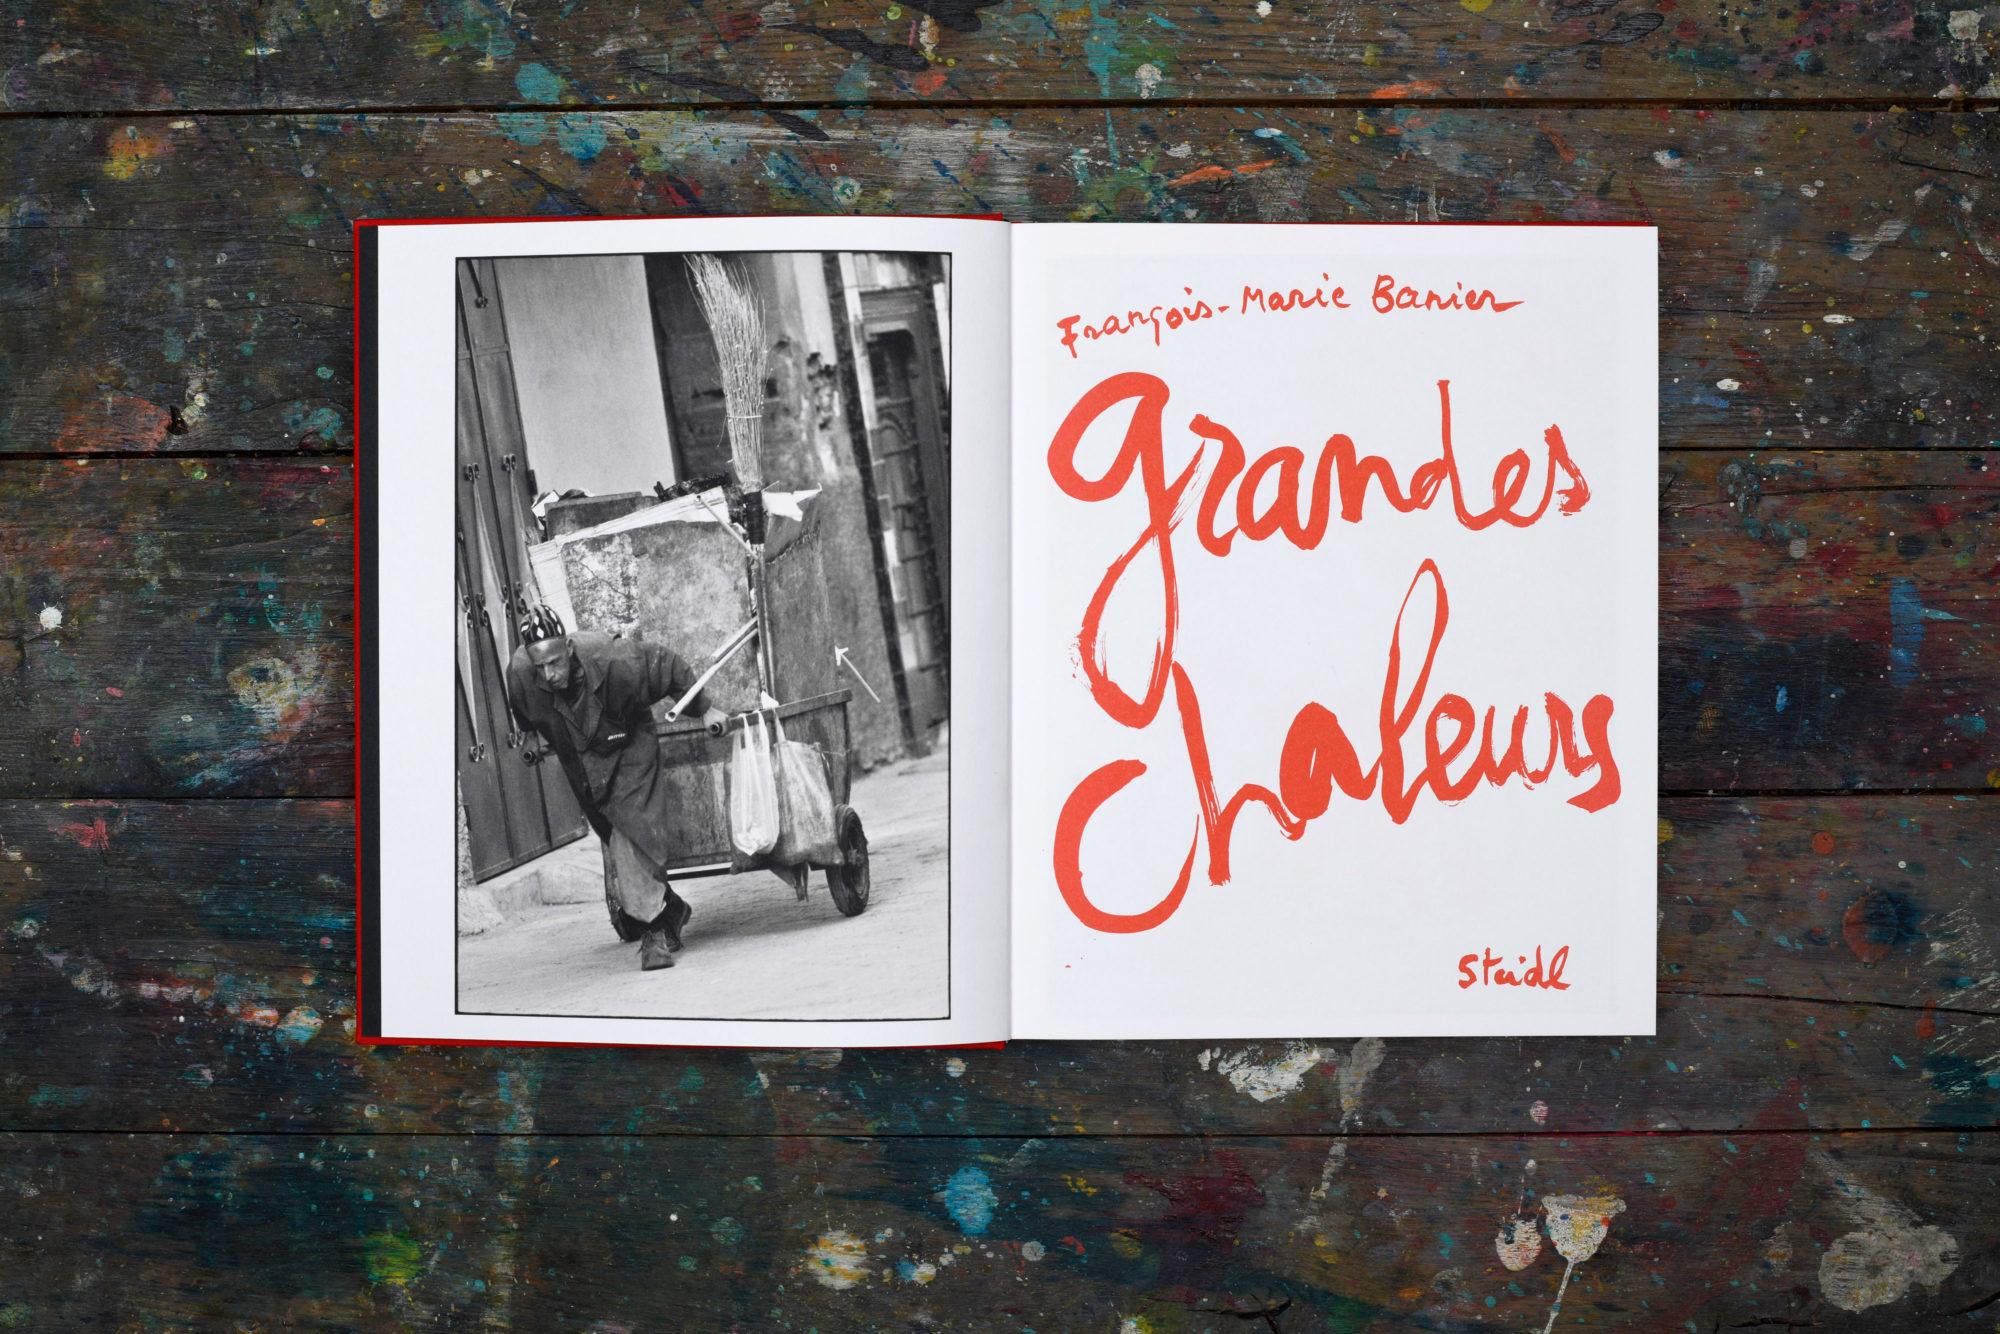 Grandes Chaleurs - François-Marie Banier